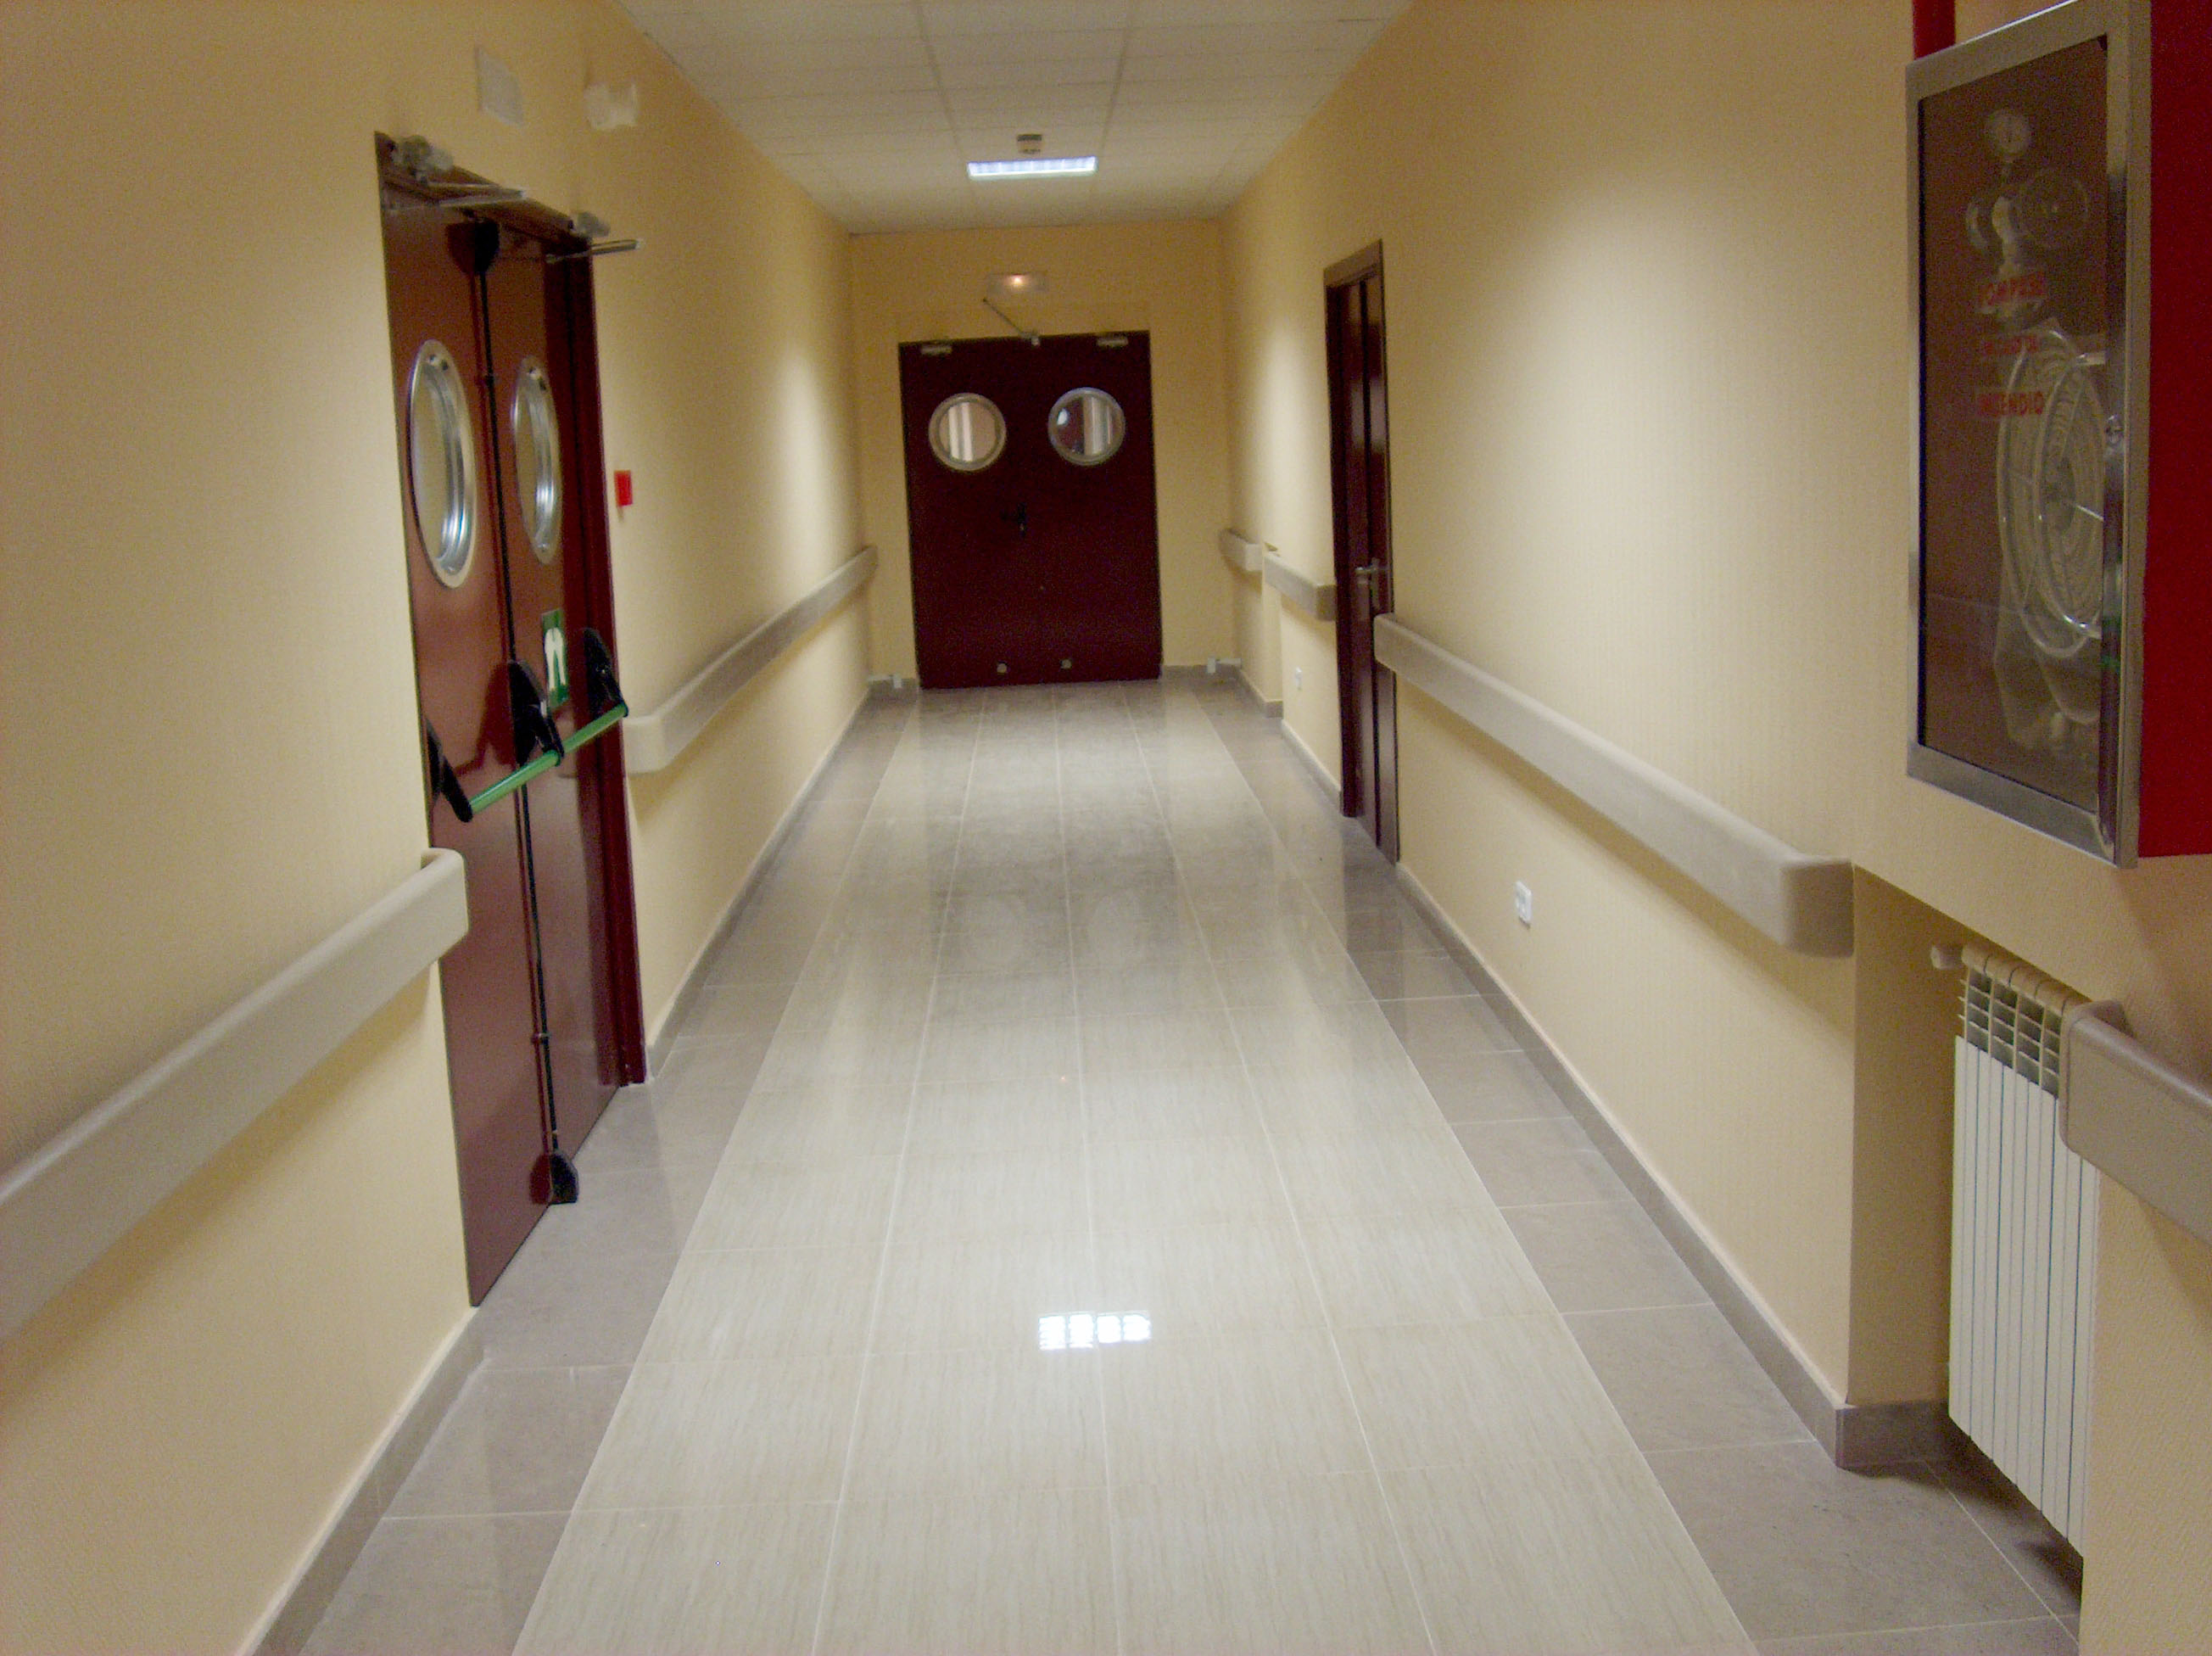 pasamanos-protector-hospital